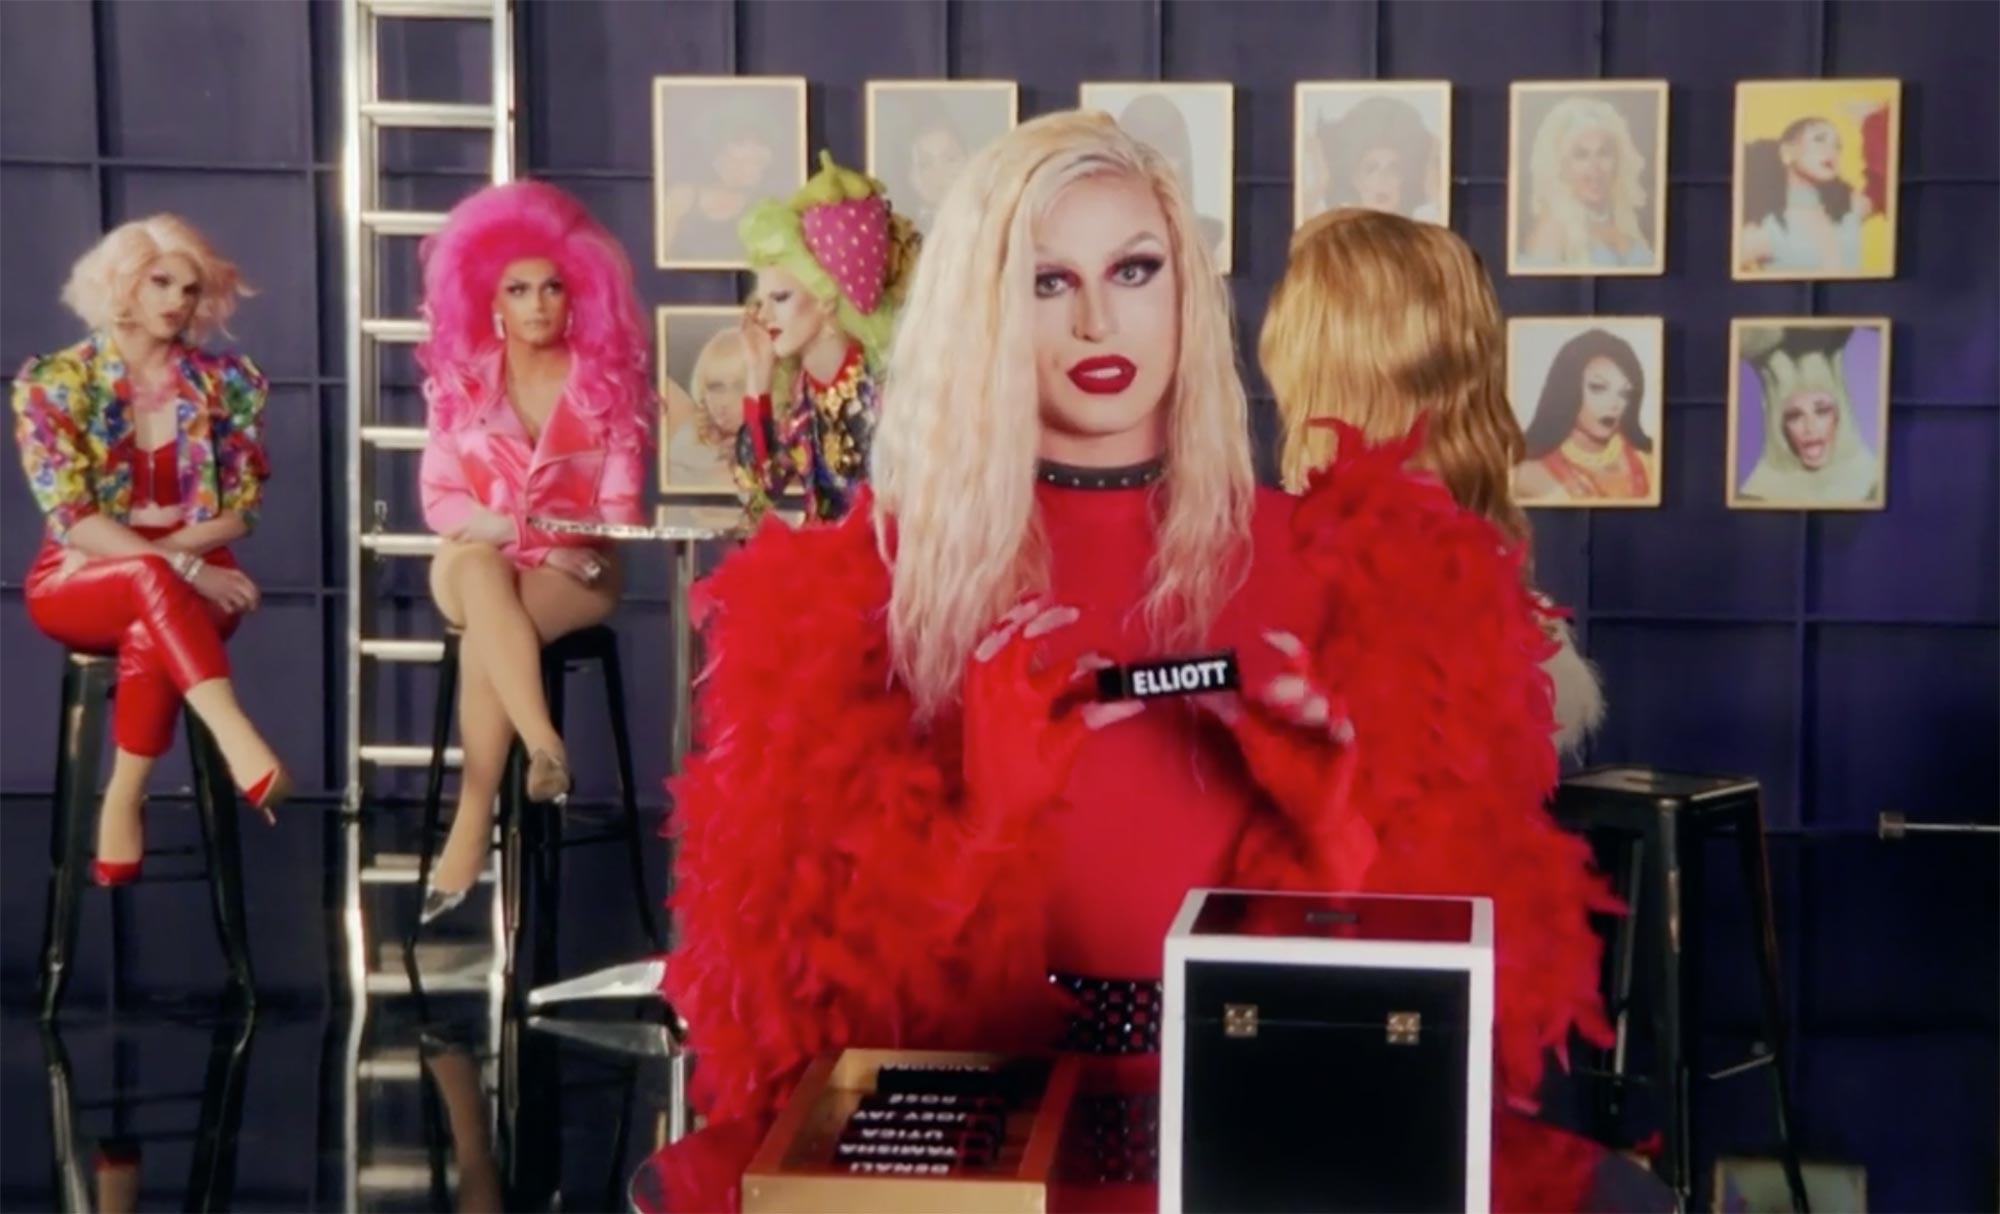 Cena da 13ª temporada do reality show RuPaul's Drag Race. Nela, vemos as queens no Porkchop Lounge. A frente, Joey Jay, loira e de vermelho, segura o batom com o nome de Elliott, votando para eliminar a drag. Ao fundo, vemos as demais queens, tensas.